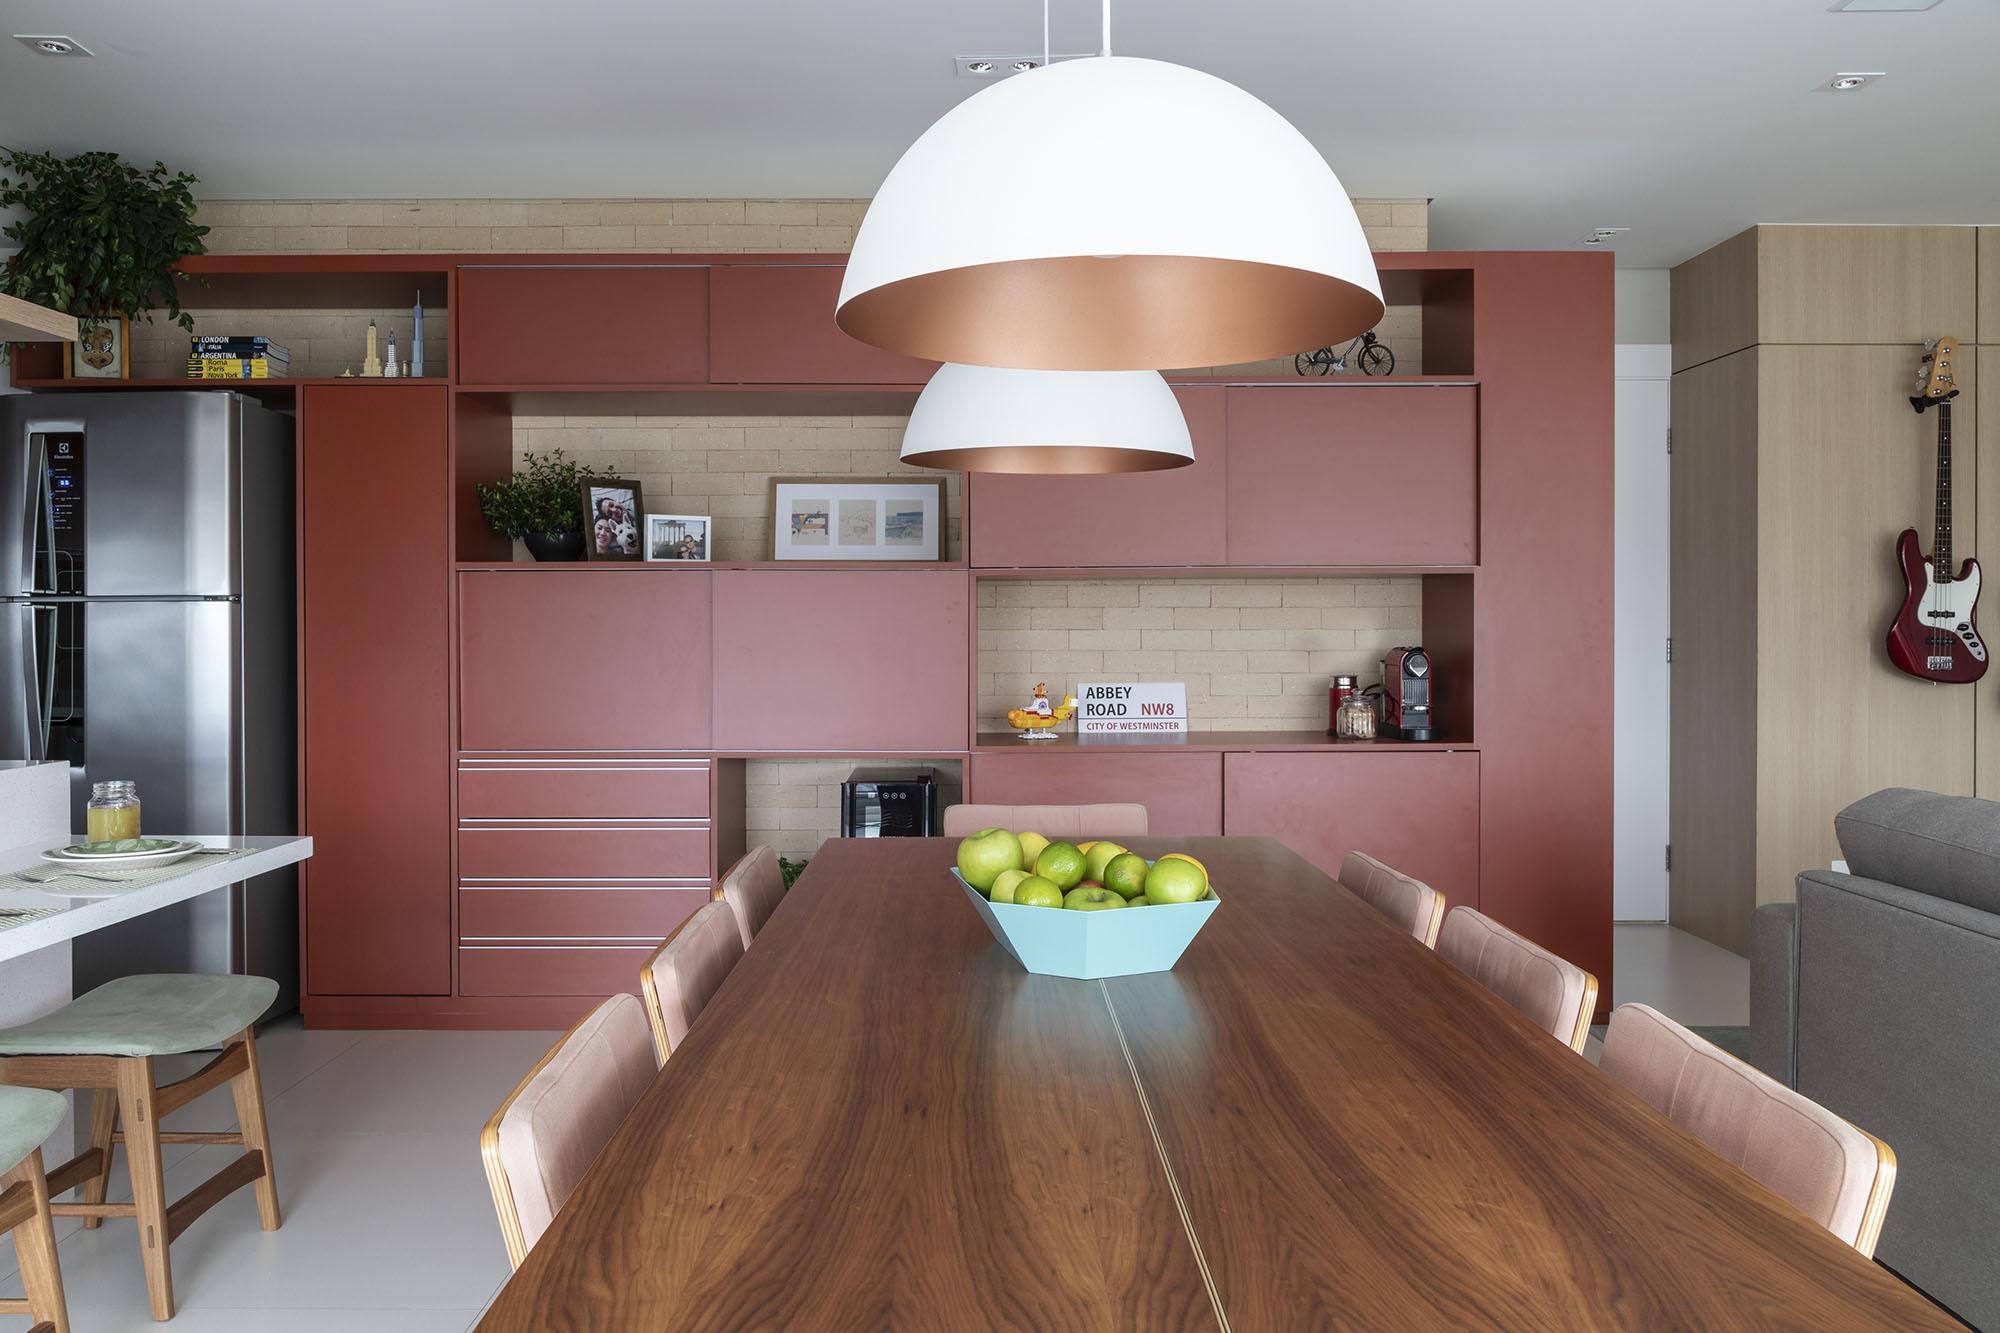 Armário desenhado pela arquiteta é a estrela da área social, que integra cozinha, sala de jantar, churrasqueira e sala de estar.